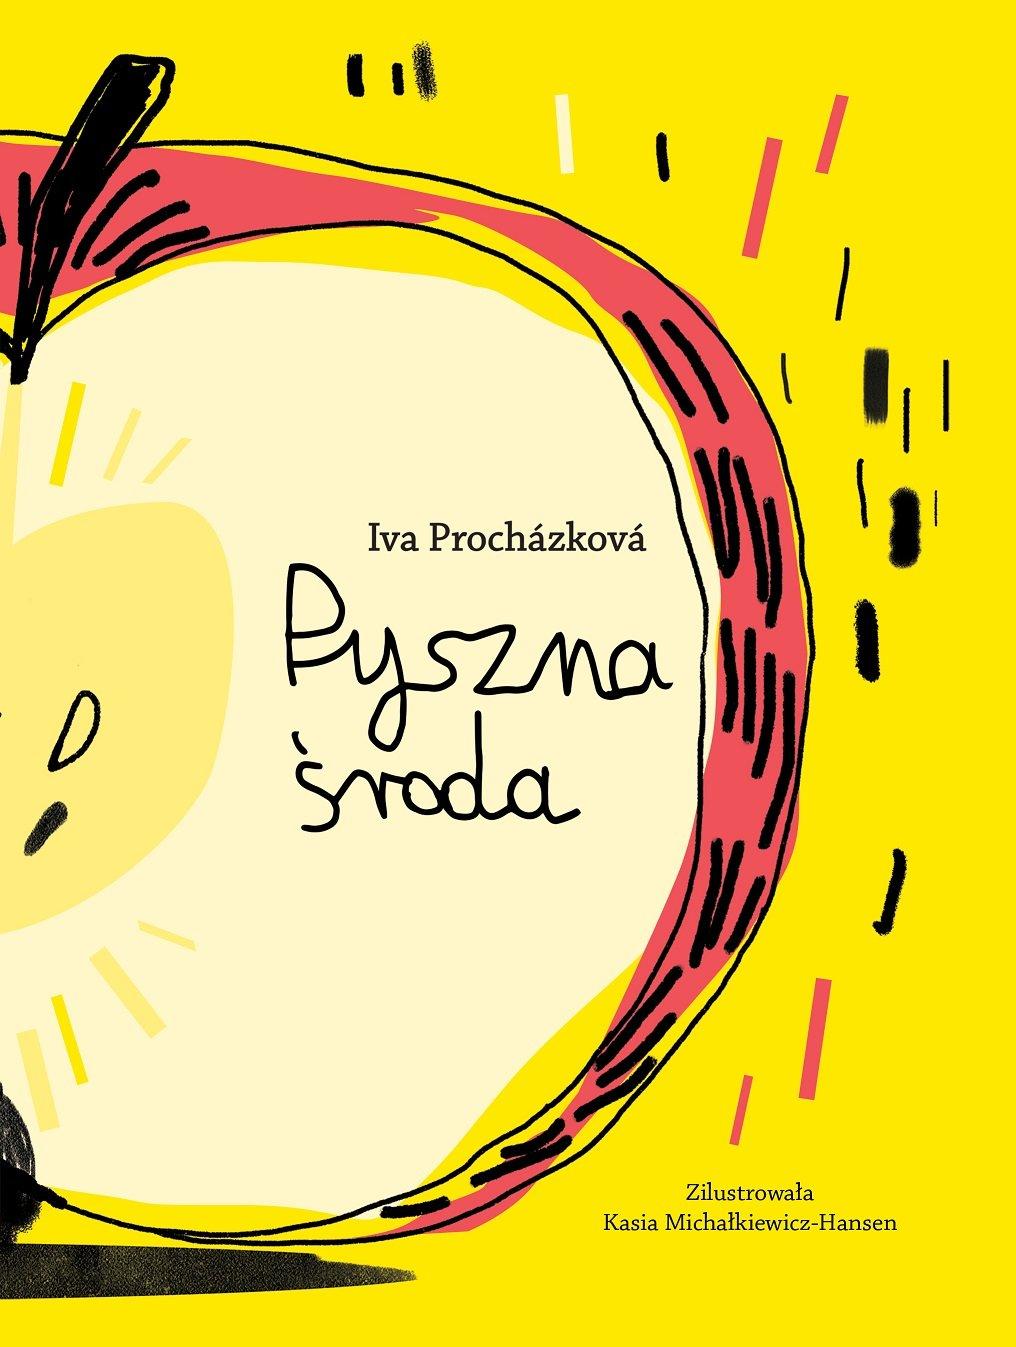 Pyszna środa - nowa książka w serii Czeska bajka